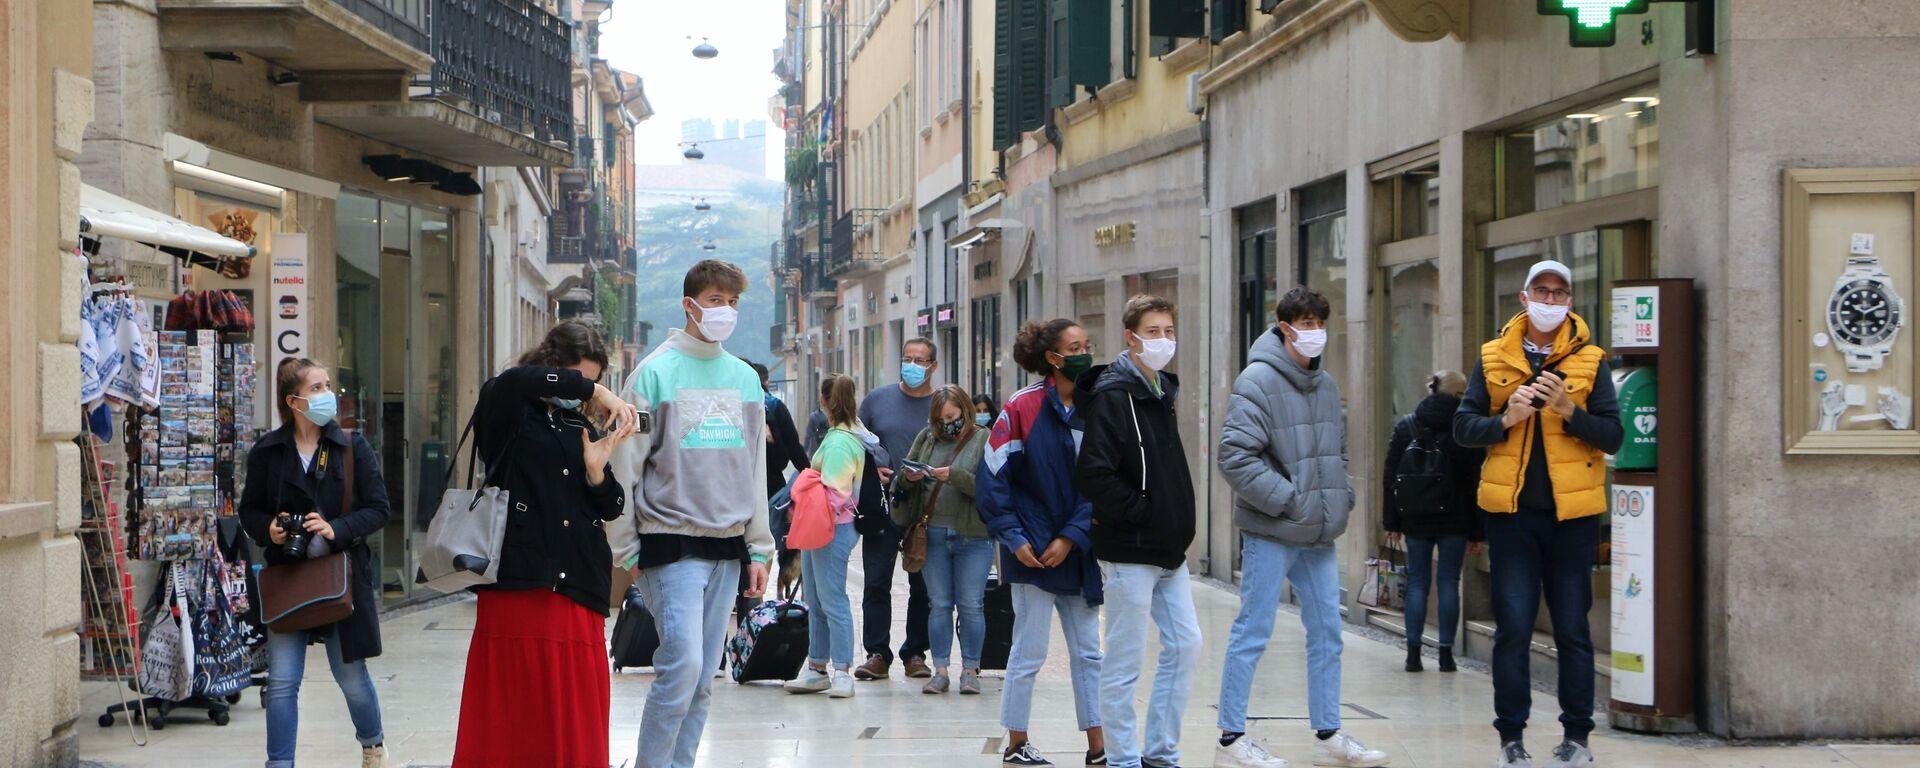 Ragazzi in mascherina in una strada - Sputnik Italia, 1920, 28.05.2021